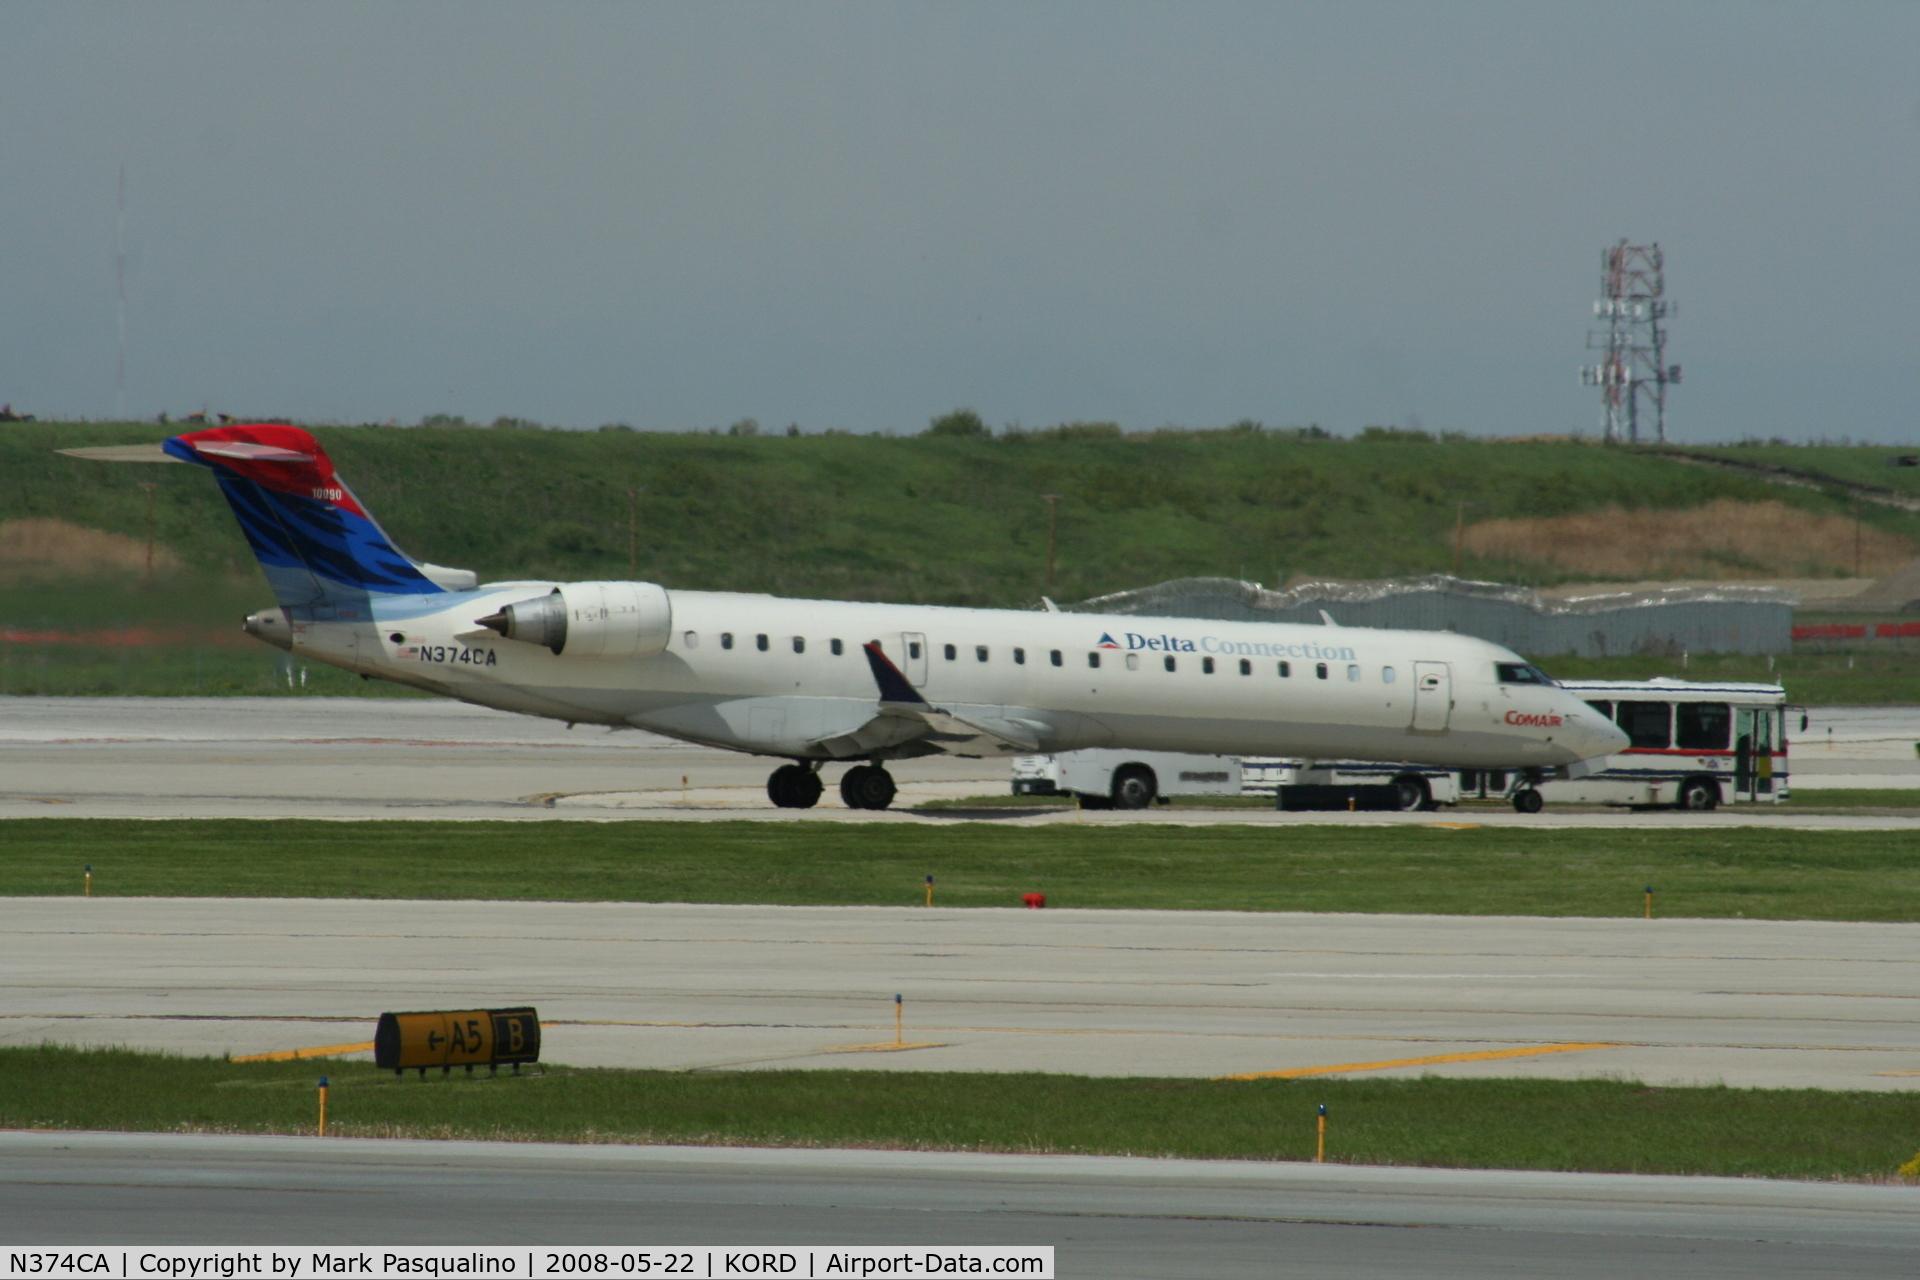 N374CA, Bombardier CL-600-2C10 C/N 10090, CL-600-2C10